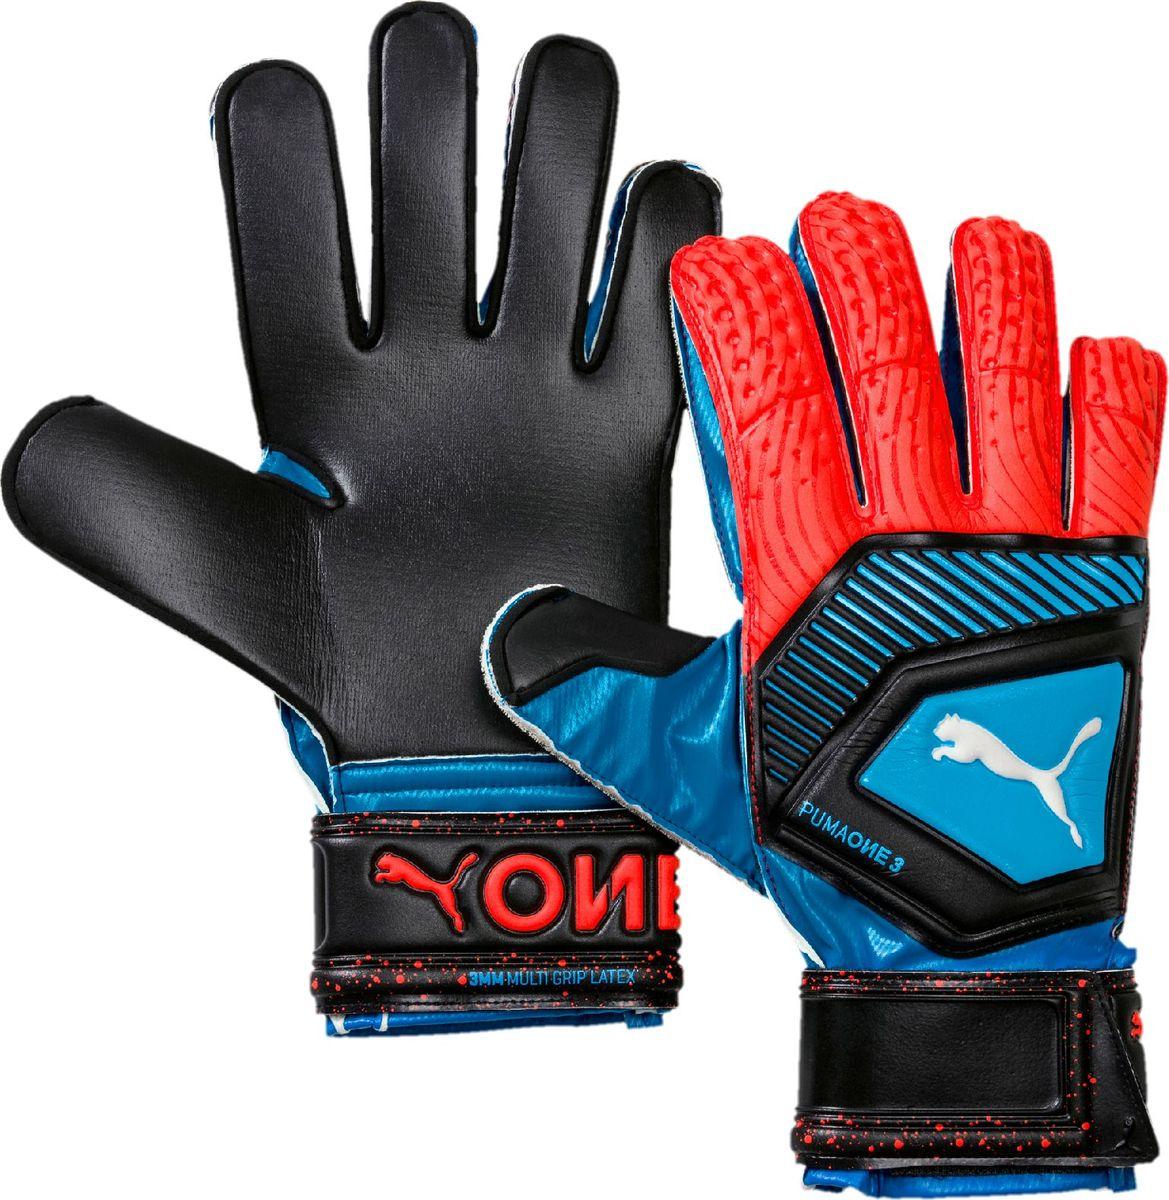 Перчатки вратарские Puma One Protect 3, 04148021, голубой, черный, размер 8,5 цена